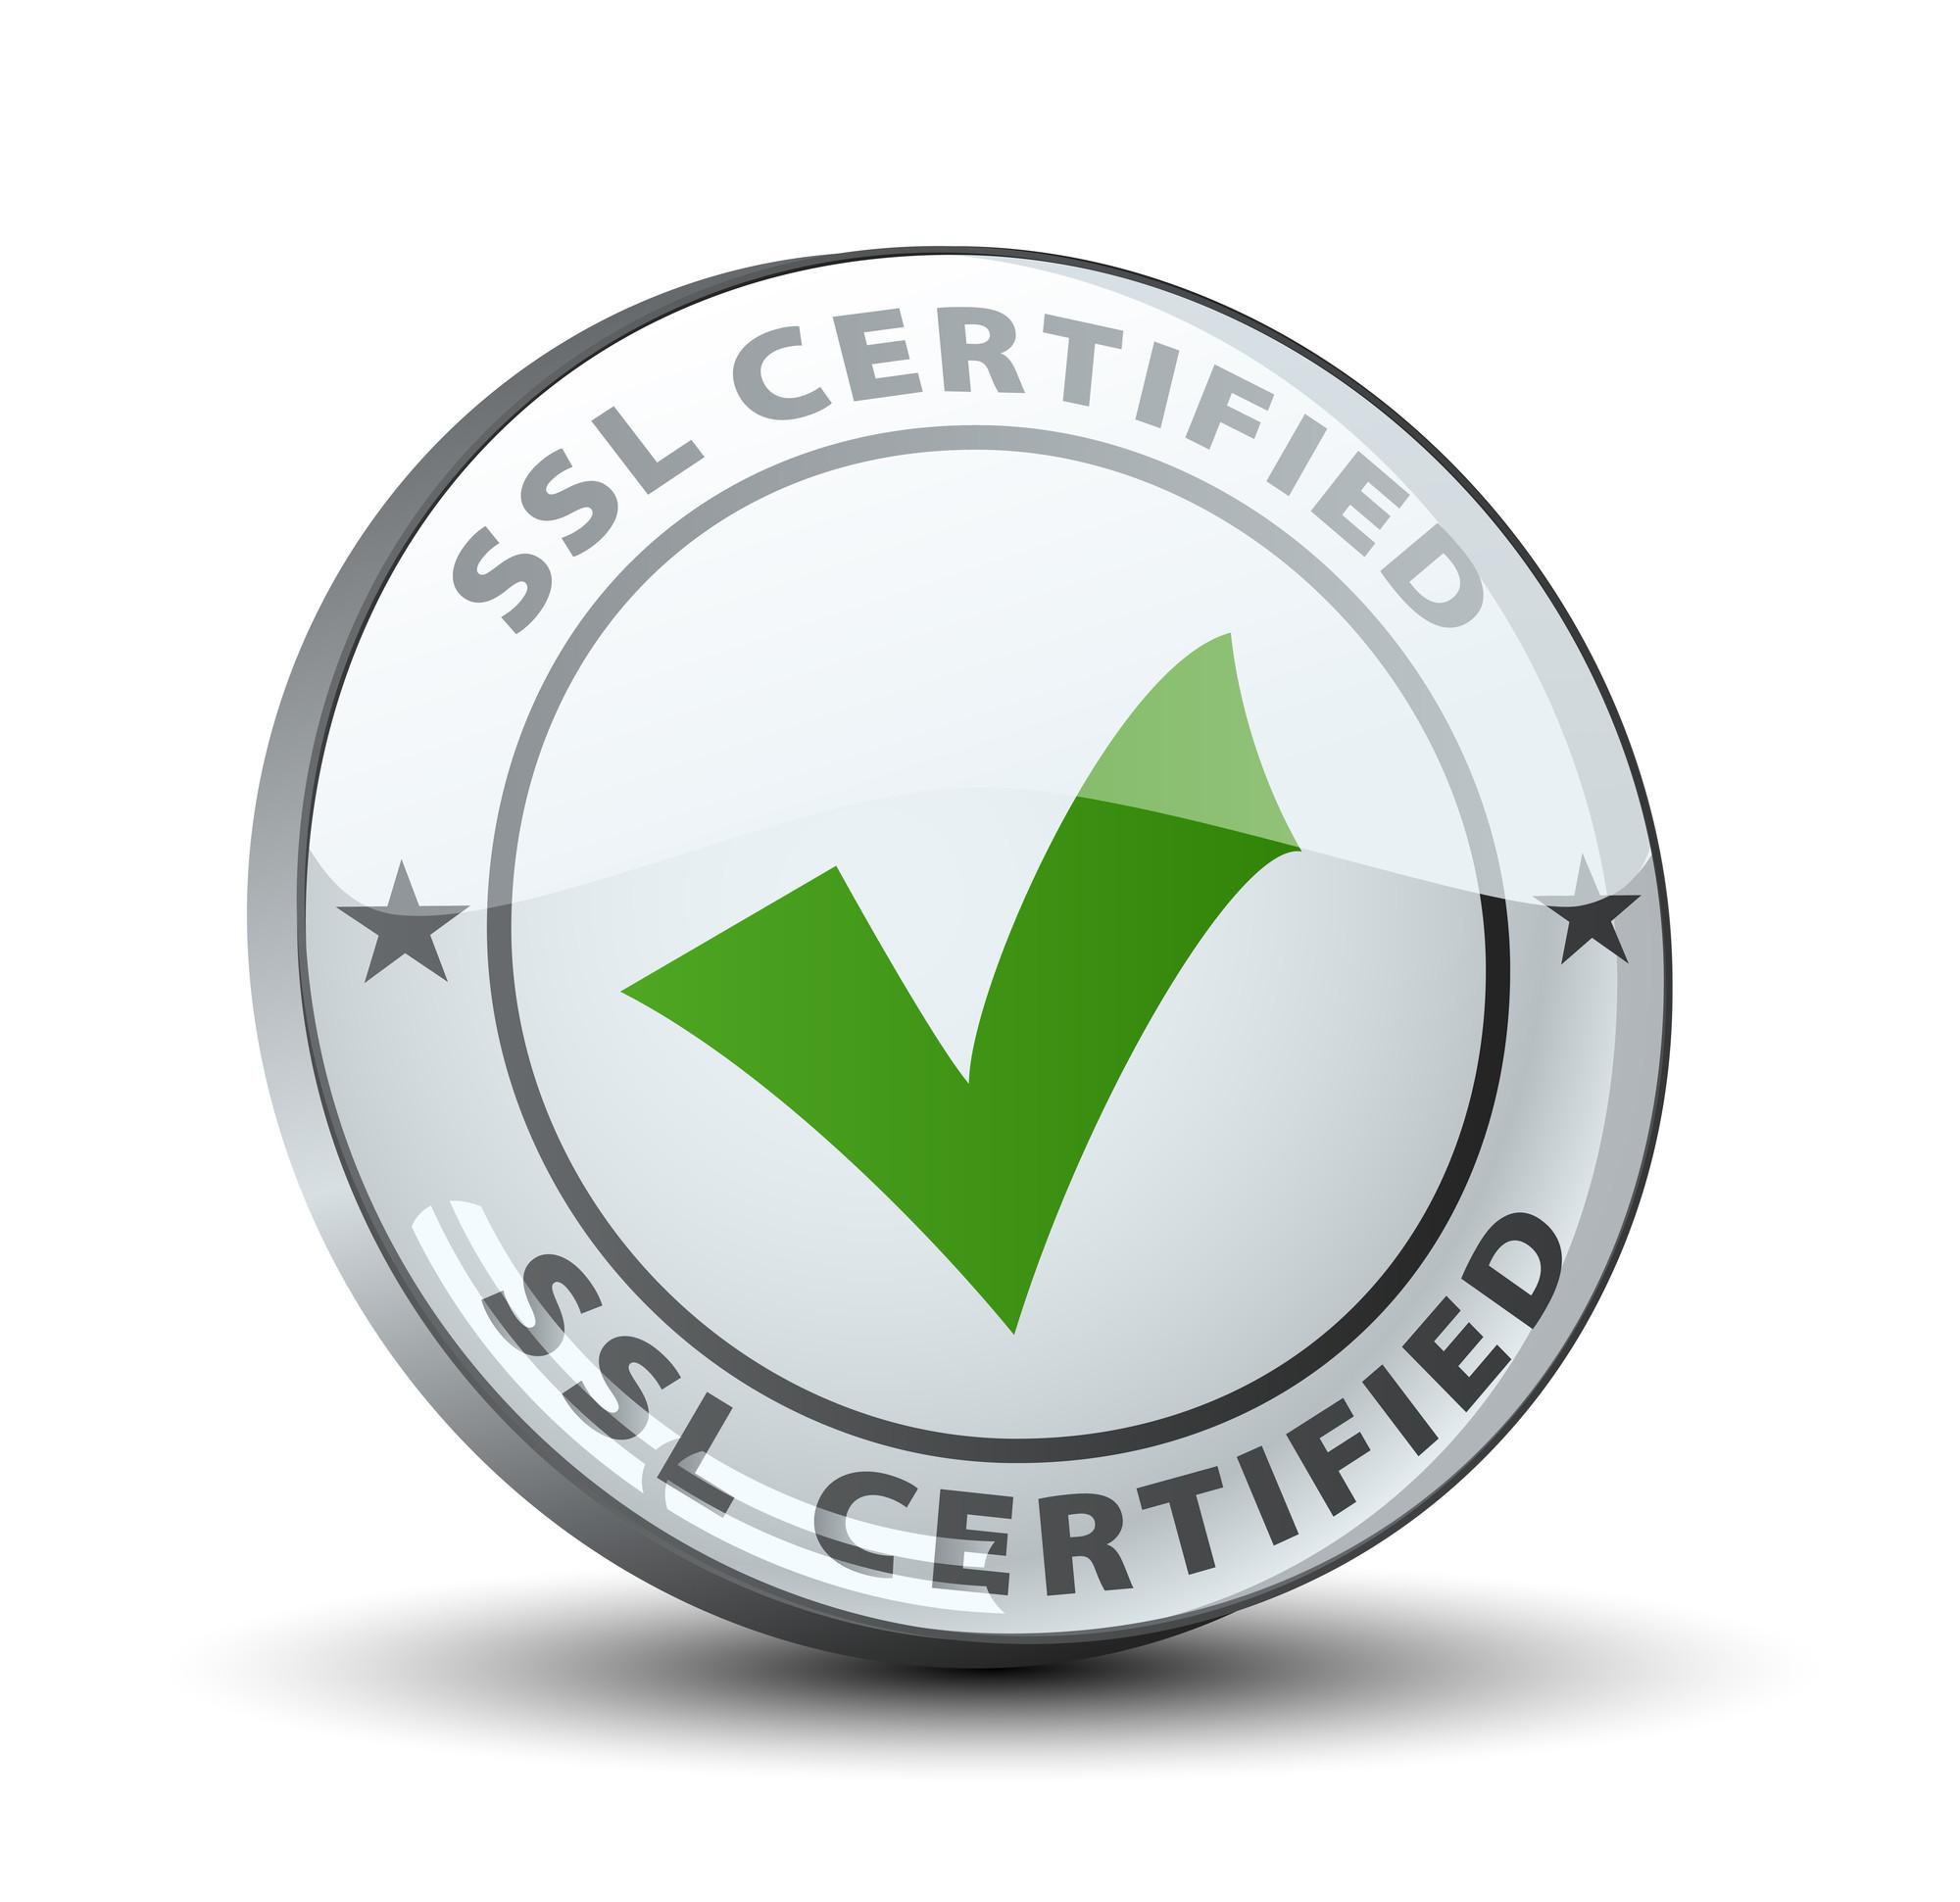 RS12676_SSL_Certificate-lpr